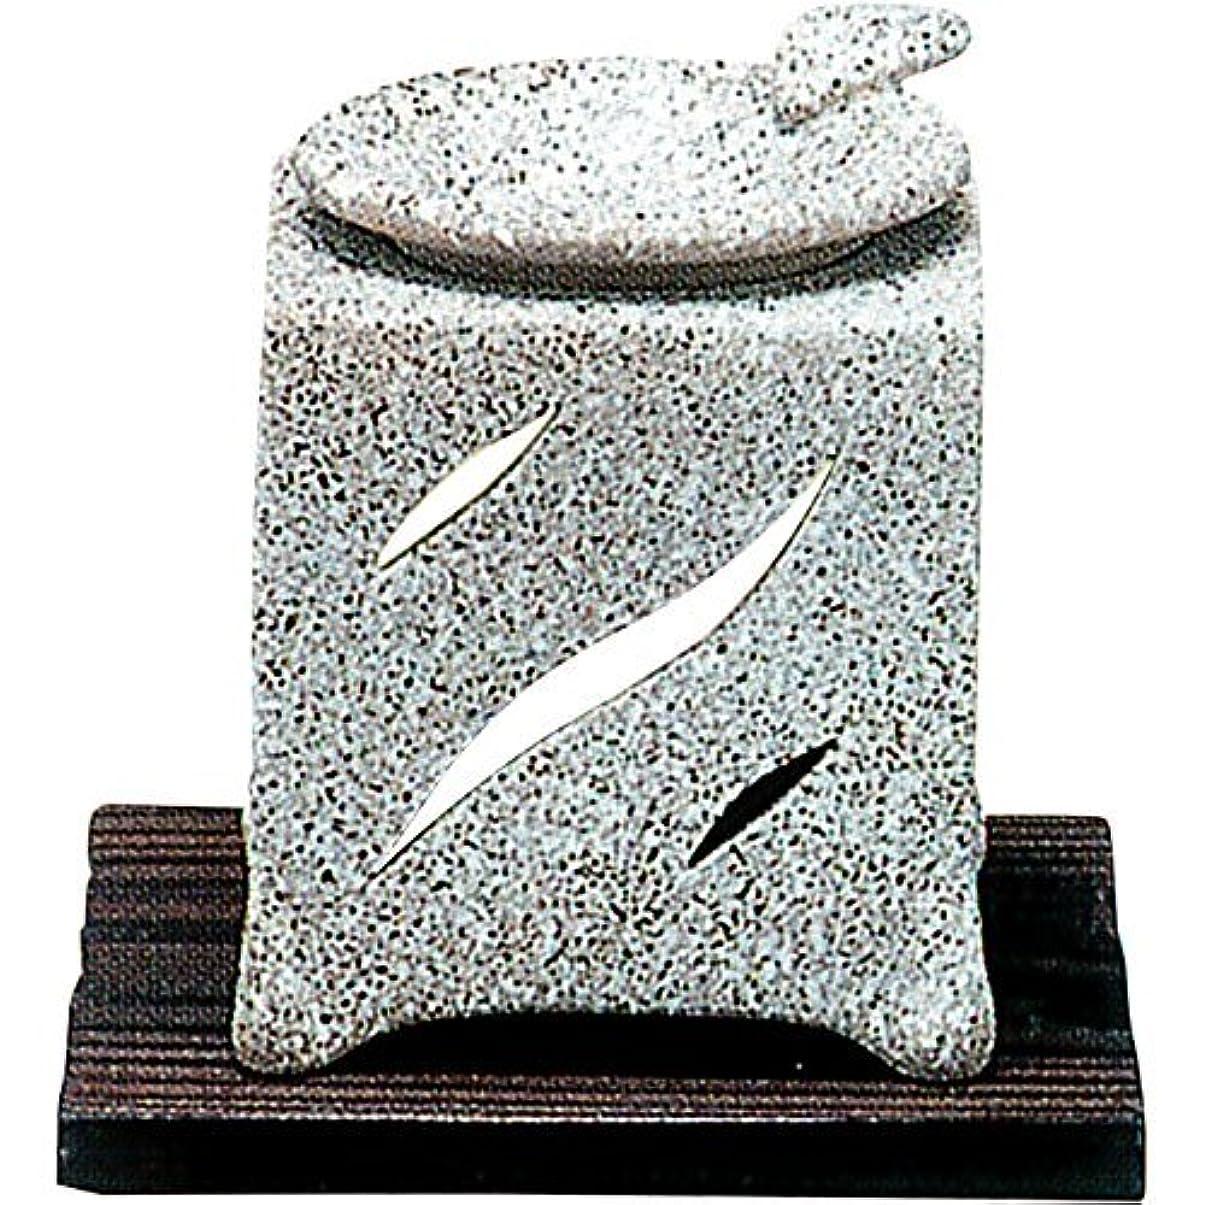 サークル変形する環境に優しい常滑焼 5-261 山房石風角形茶香炉 山房10×10×H12㎝